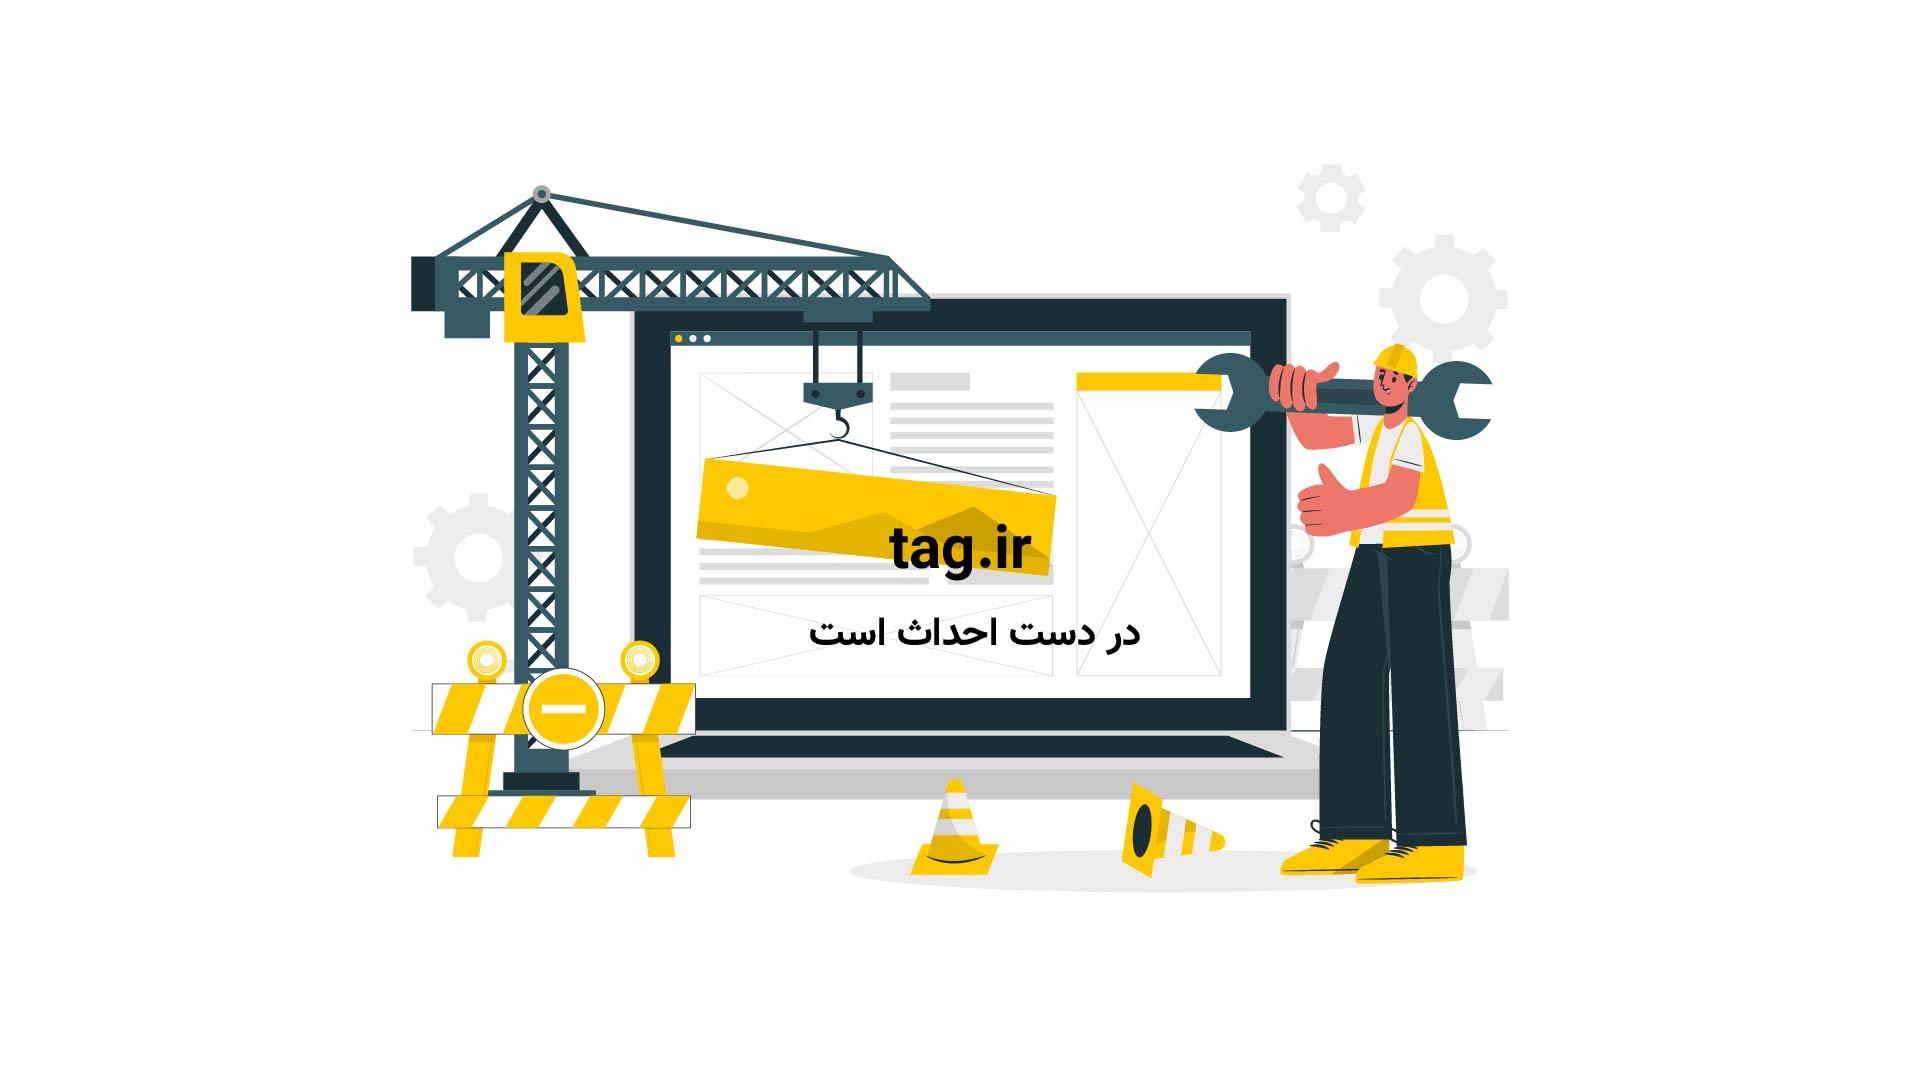 همبرگر پنیری دوبل | تگ